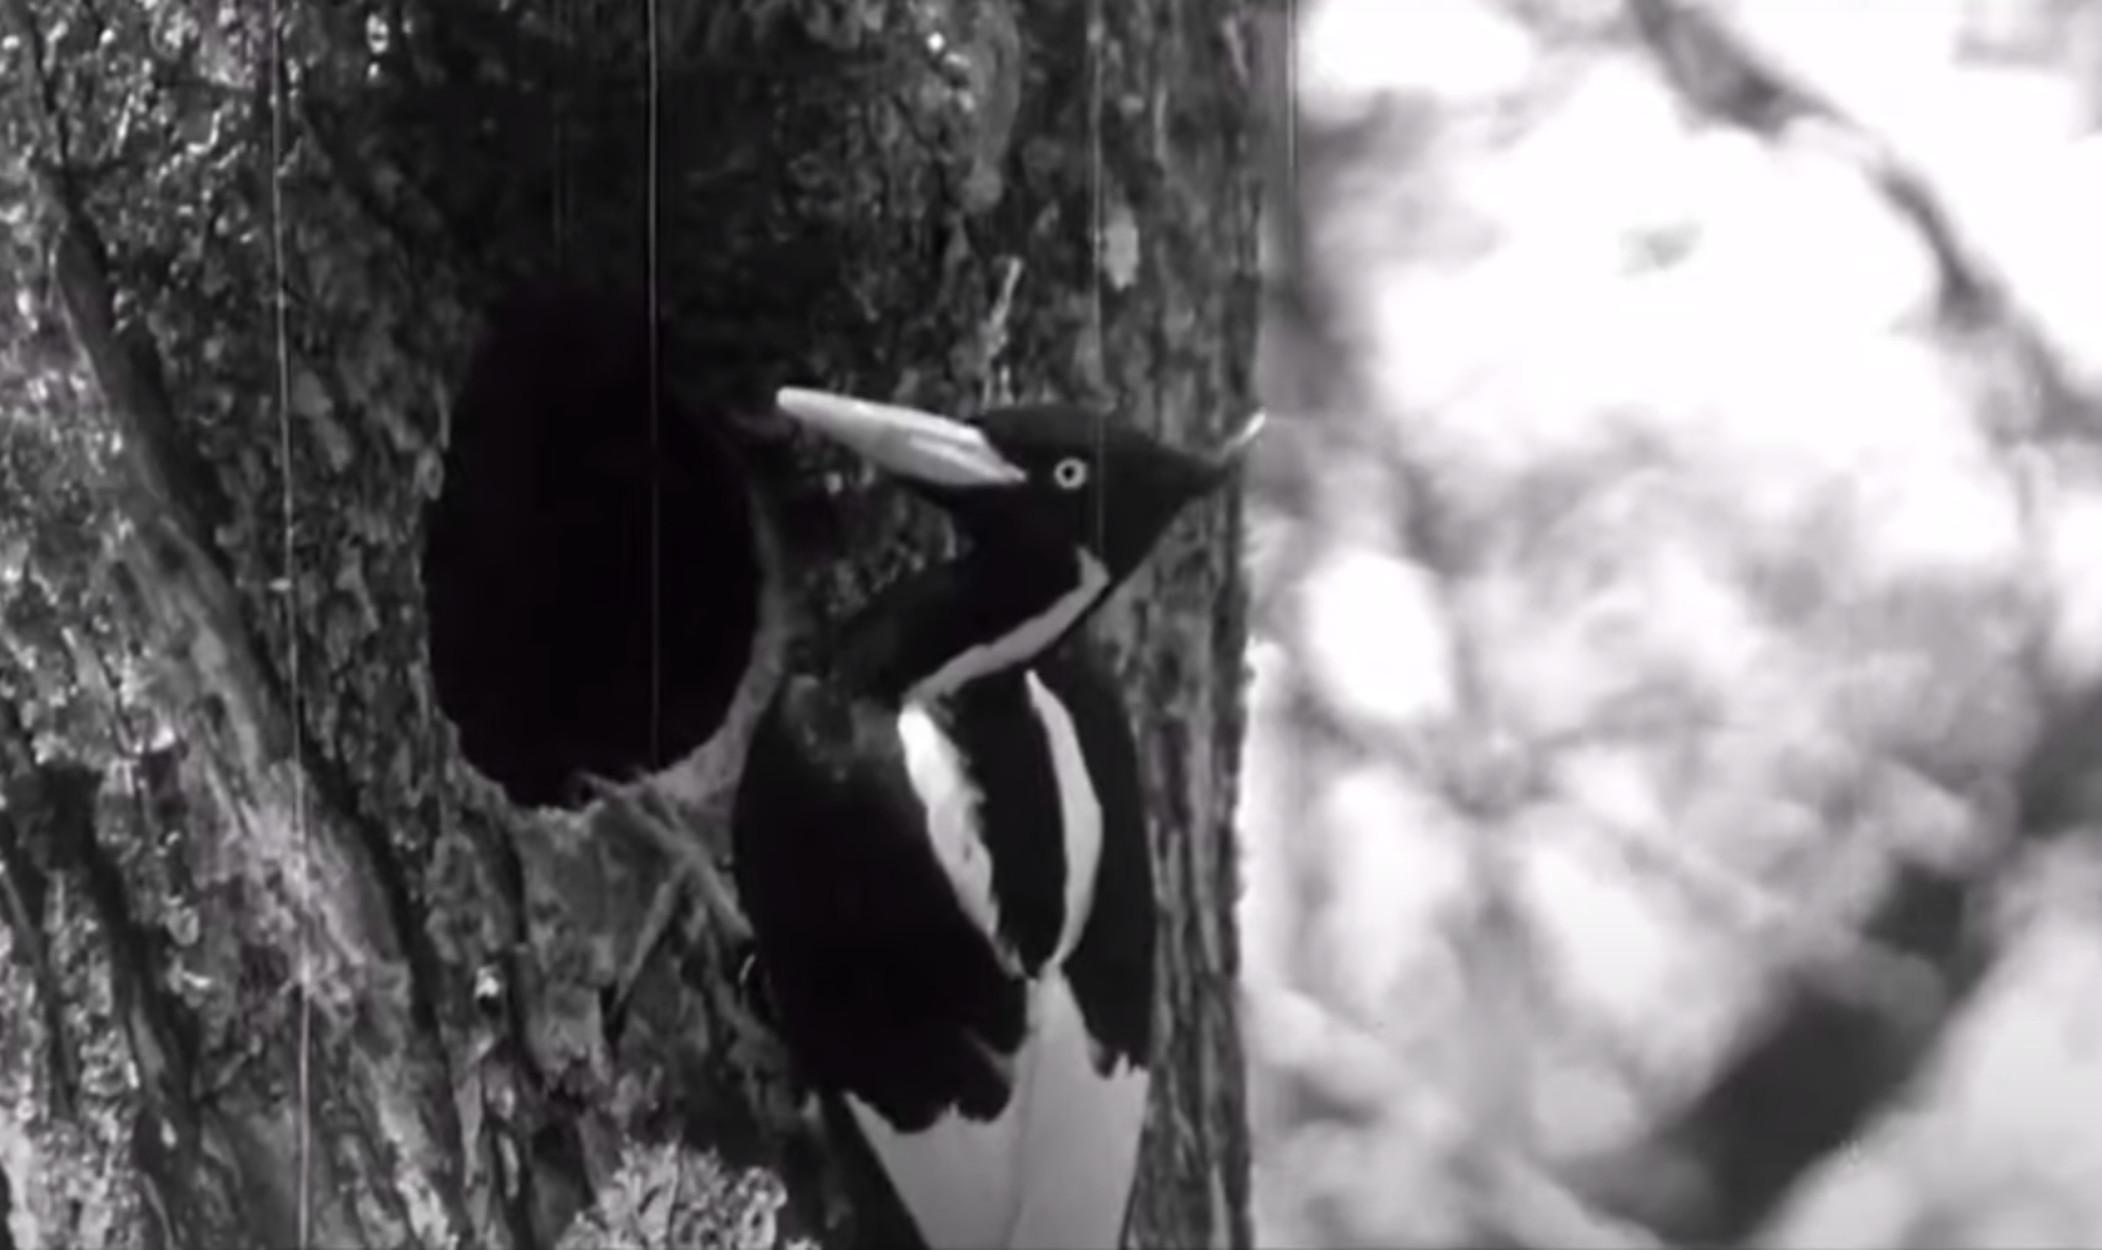 Τέλος 23 είδη πτηνών και θαλασσινών – Κηρύσσεται και επίσημα η εξαφάνισή τους